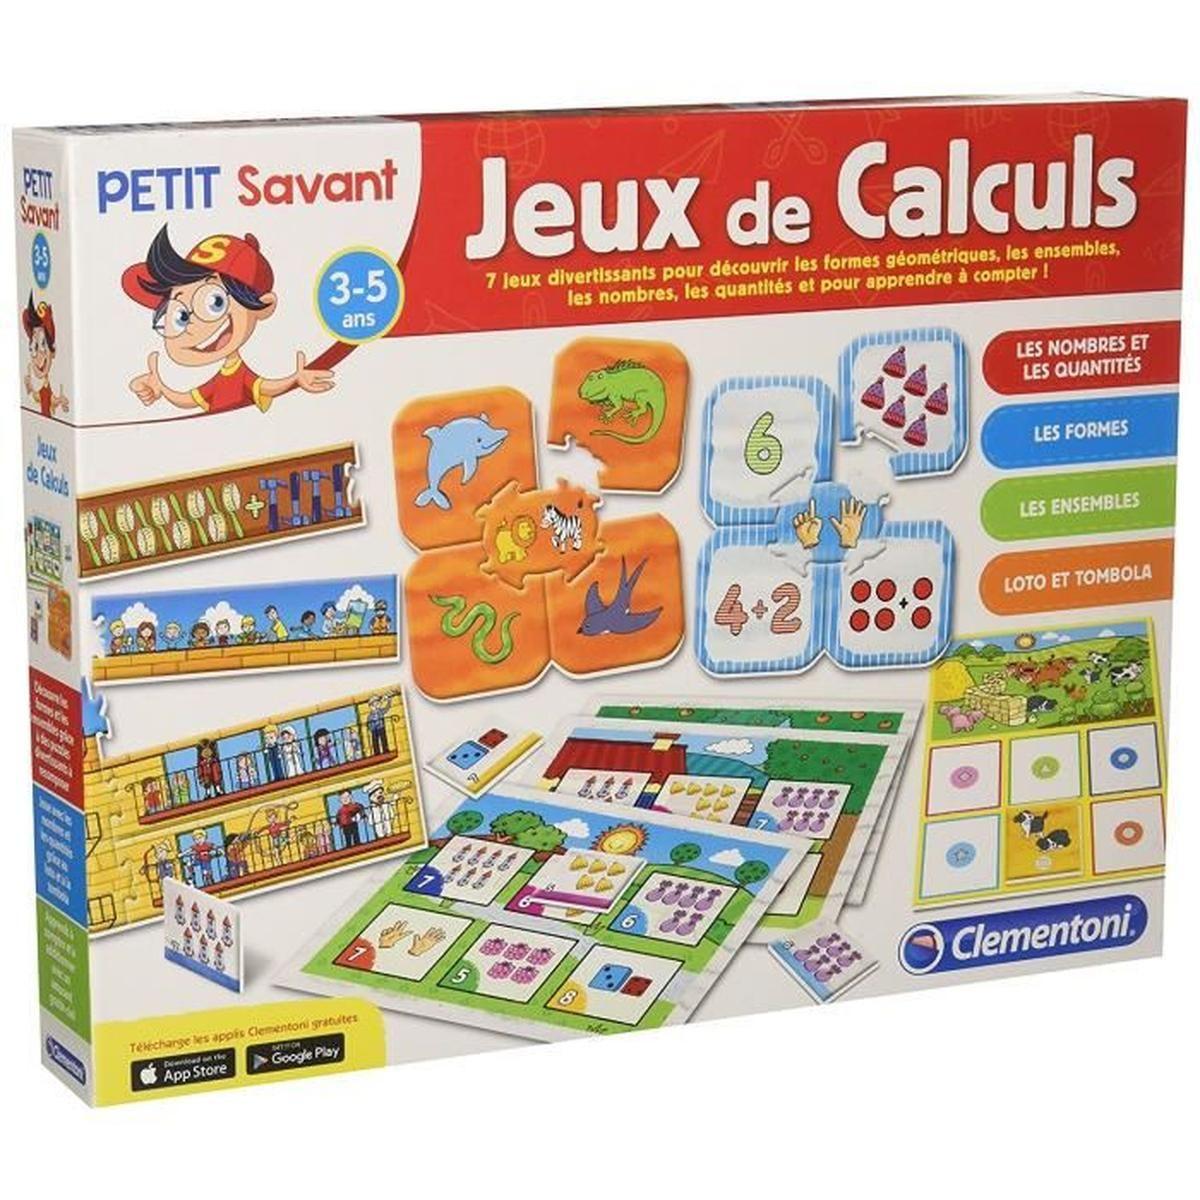 Jeux Et Jouets Jeu De Cartes Educatif Jeux Éducatifs Et dedans Jeux Educatif 3 Ans